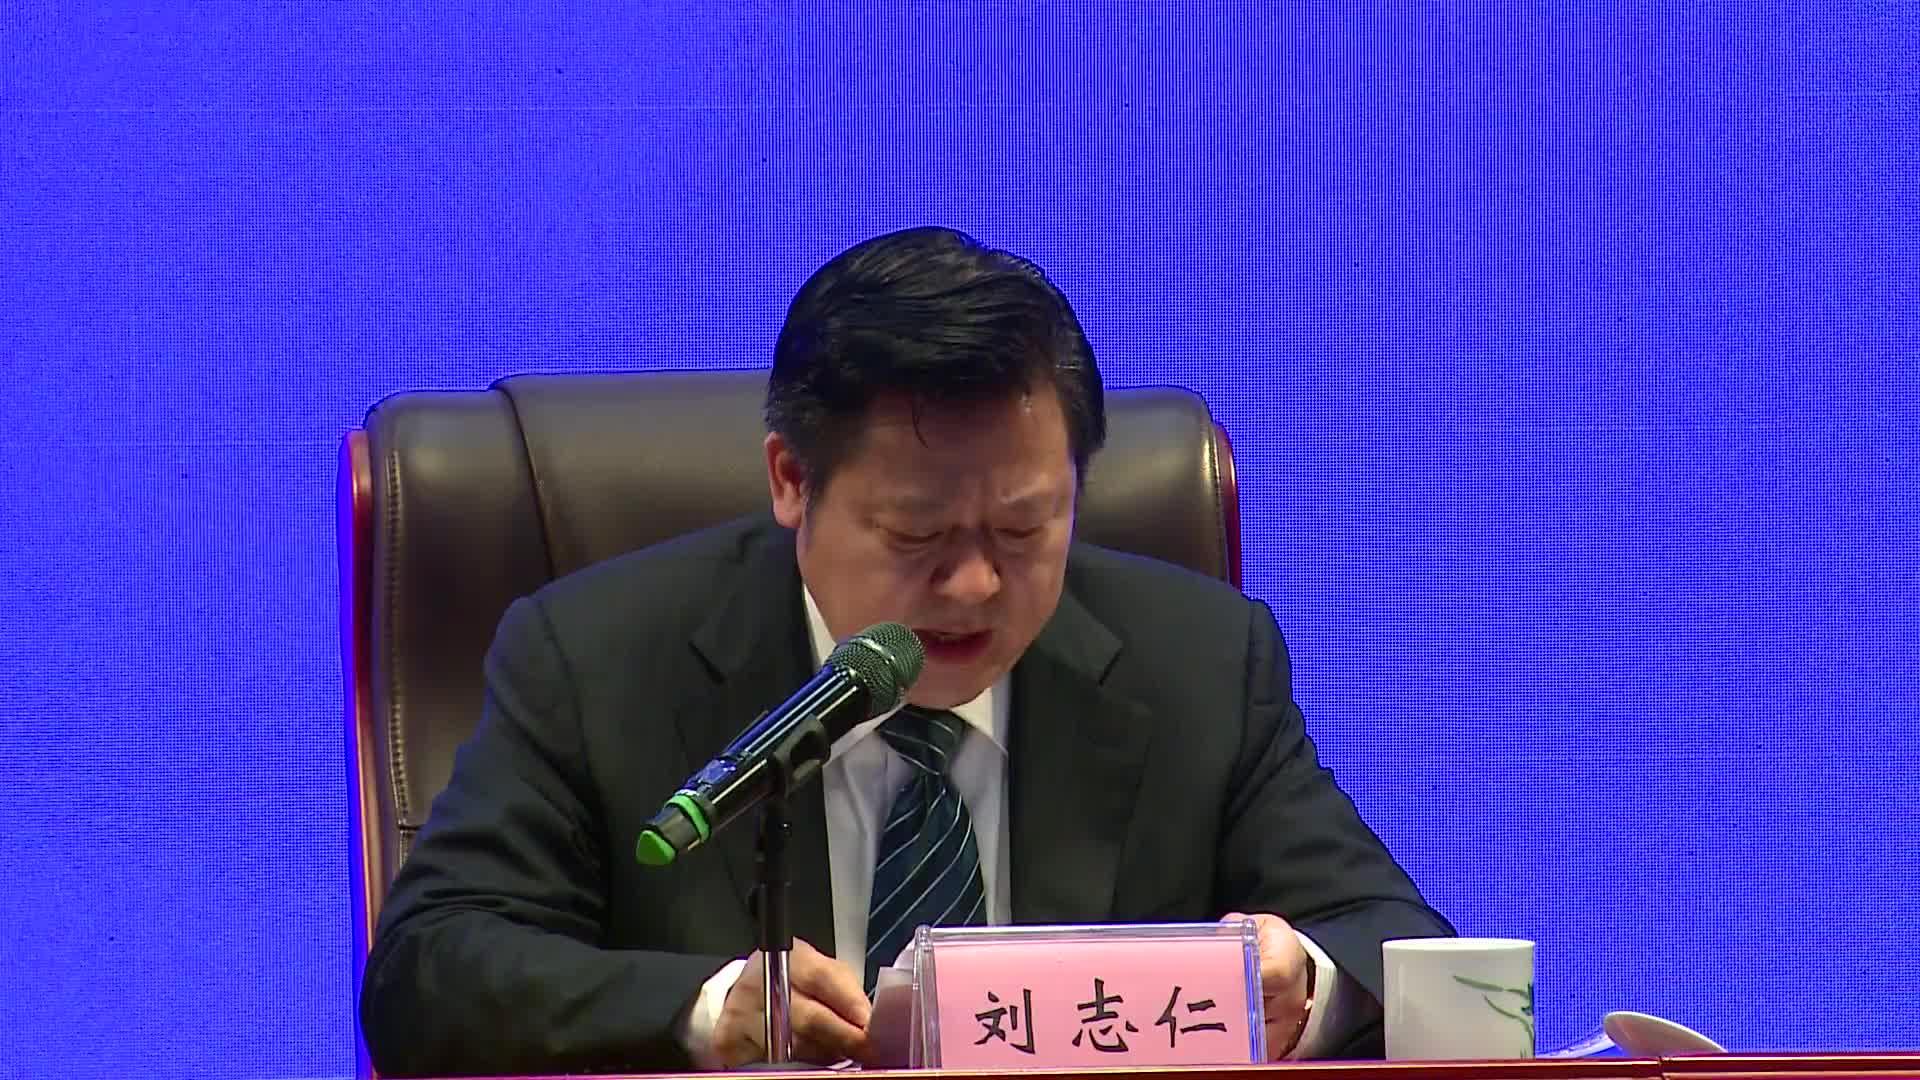 【全程回放】第七届中国(湖南)国际矿物宝石博览会新闻办发布会